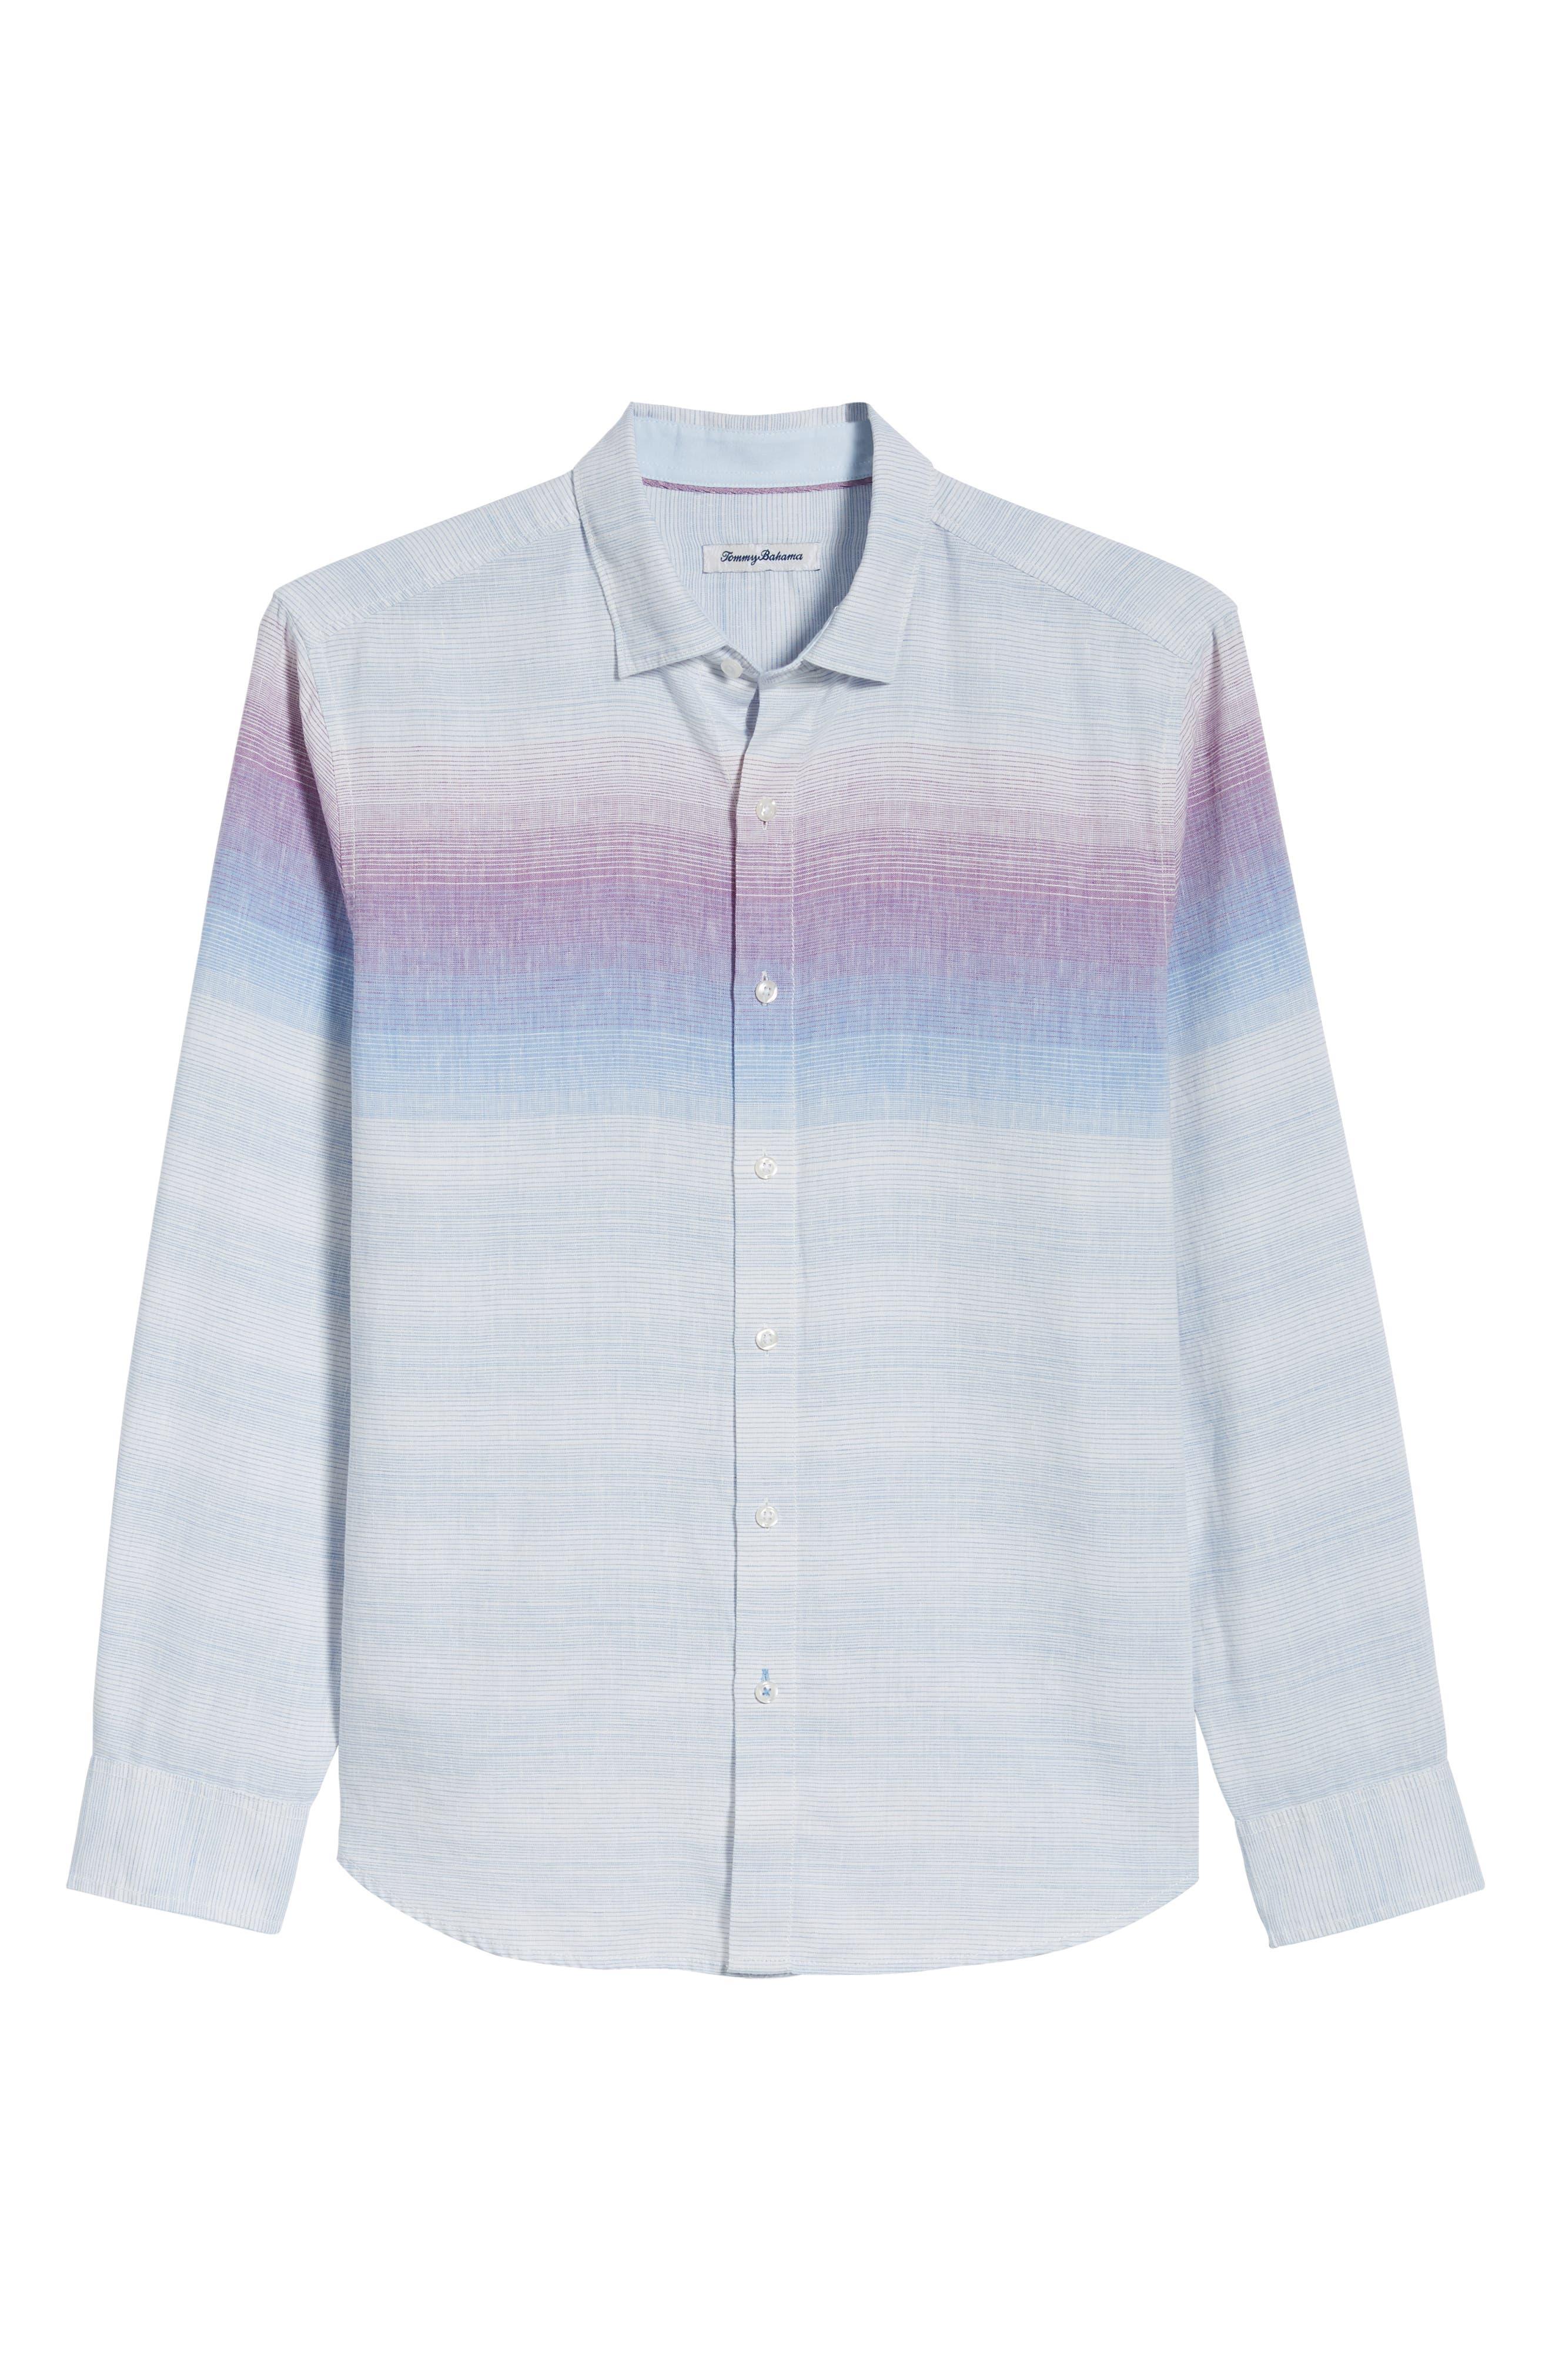 Sunset Ombré Linen Blend Sport Shirt,                             Alternate thumbnail 6, color,                             White